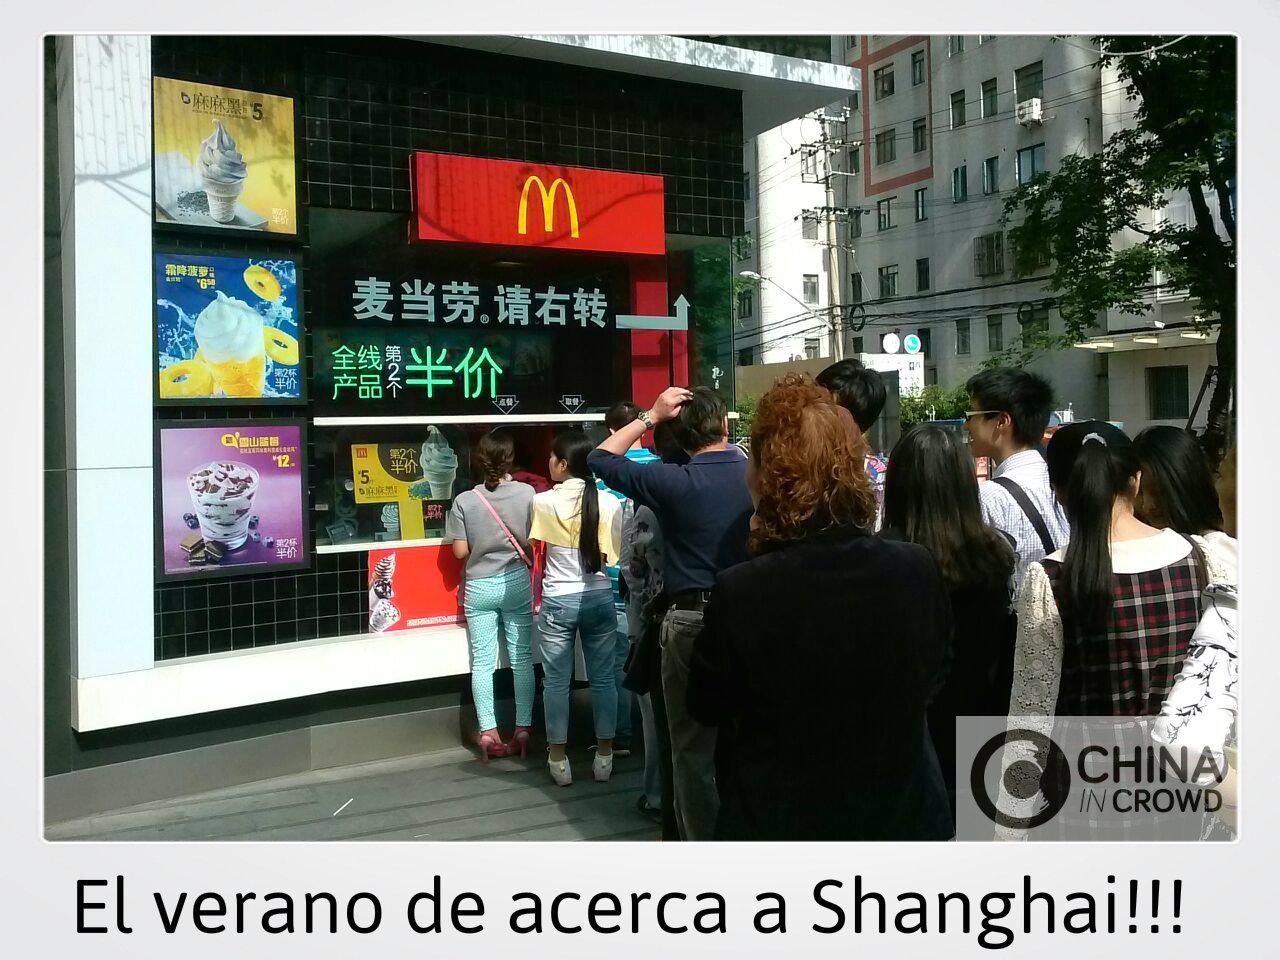 Mc donnal en China